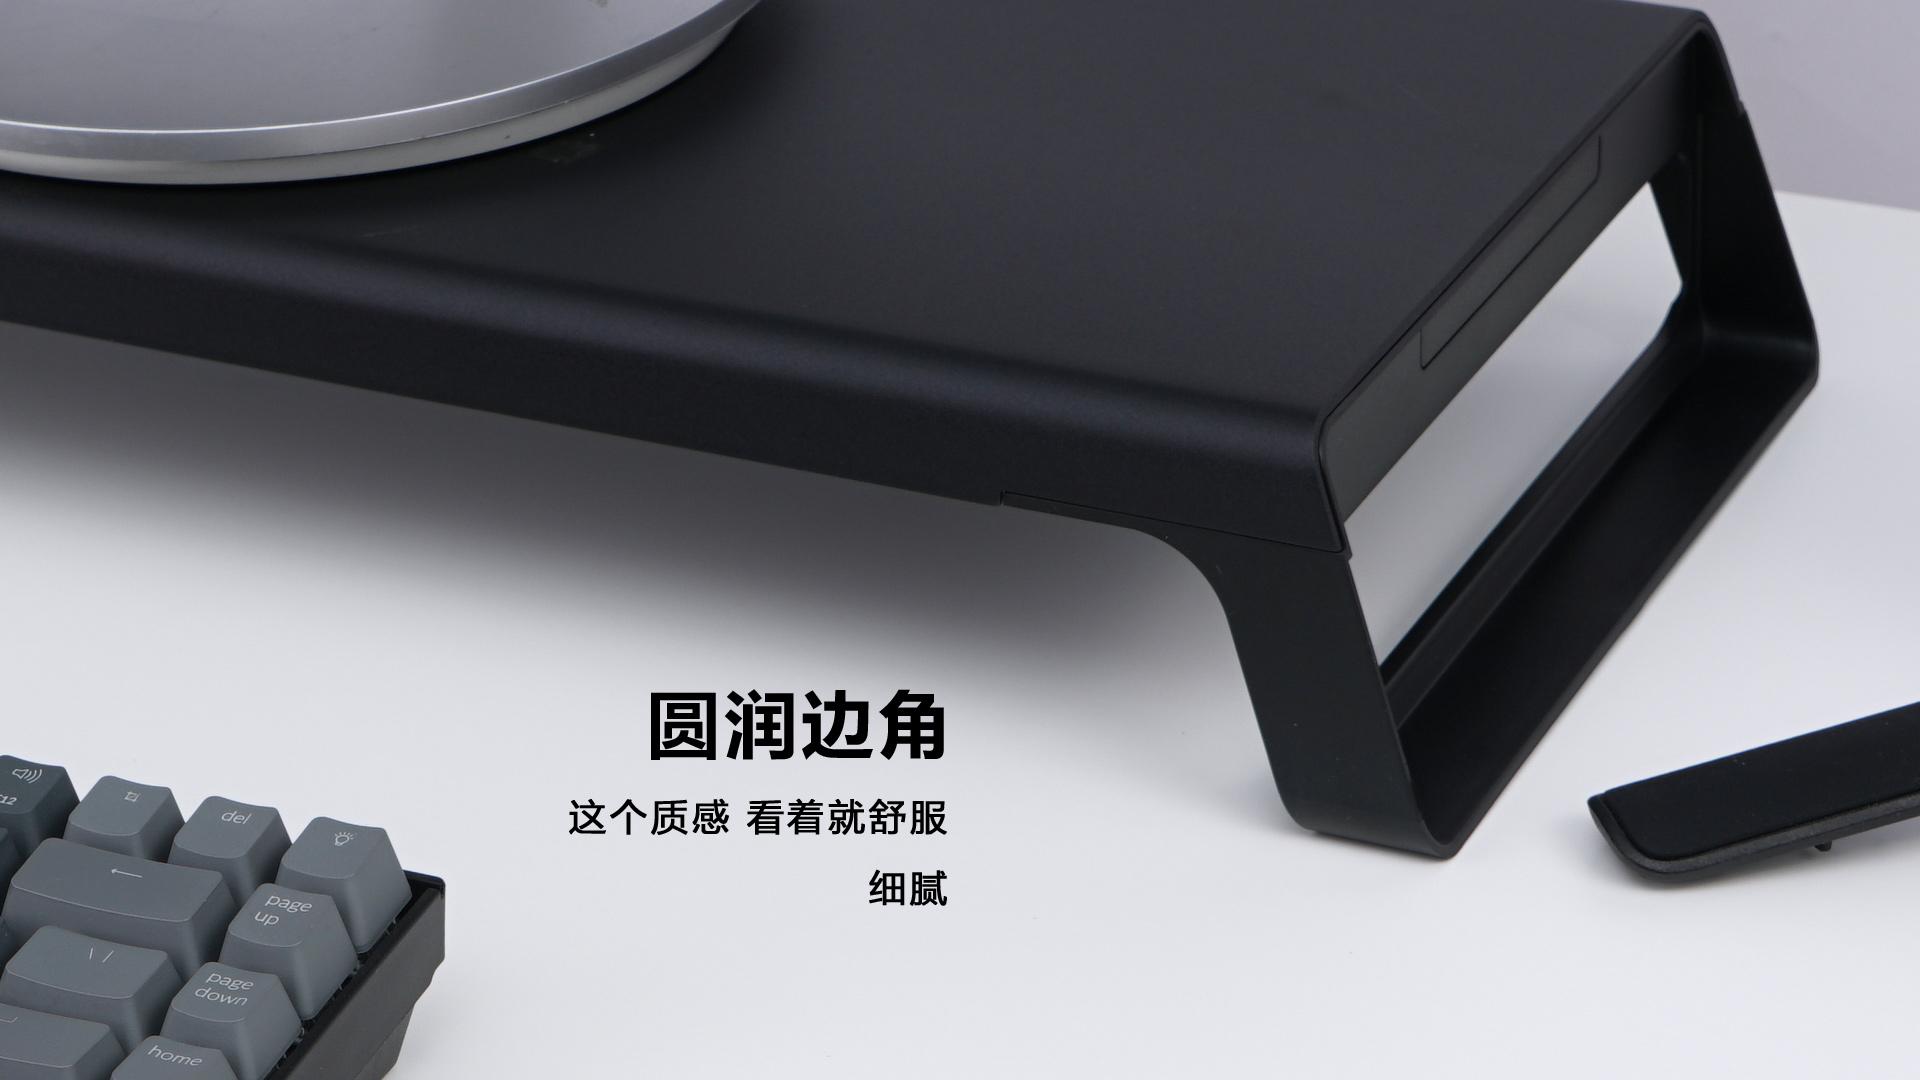 在淘宝上买的铝合金支架 解决桌面收纳问题 看完你有什么想法  图片 科技 评测 orico 设计 第7张